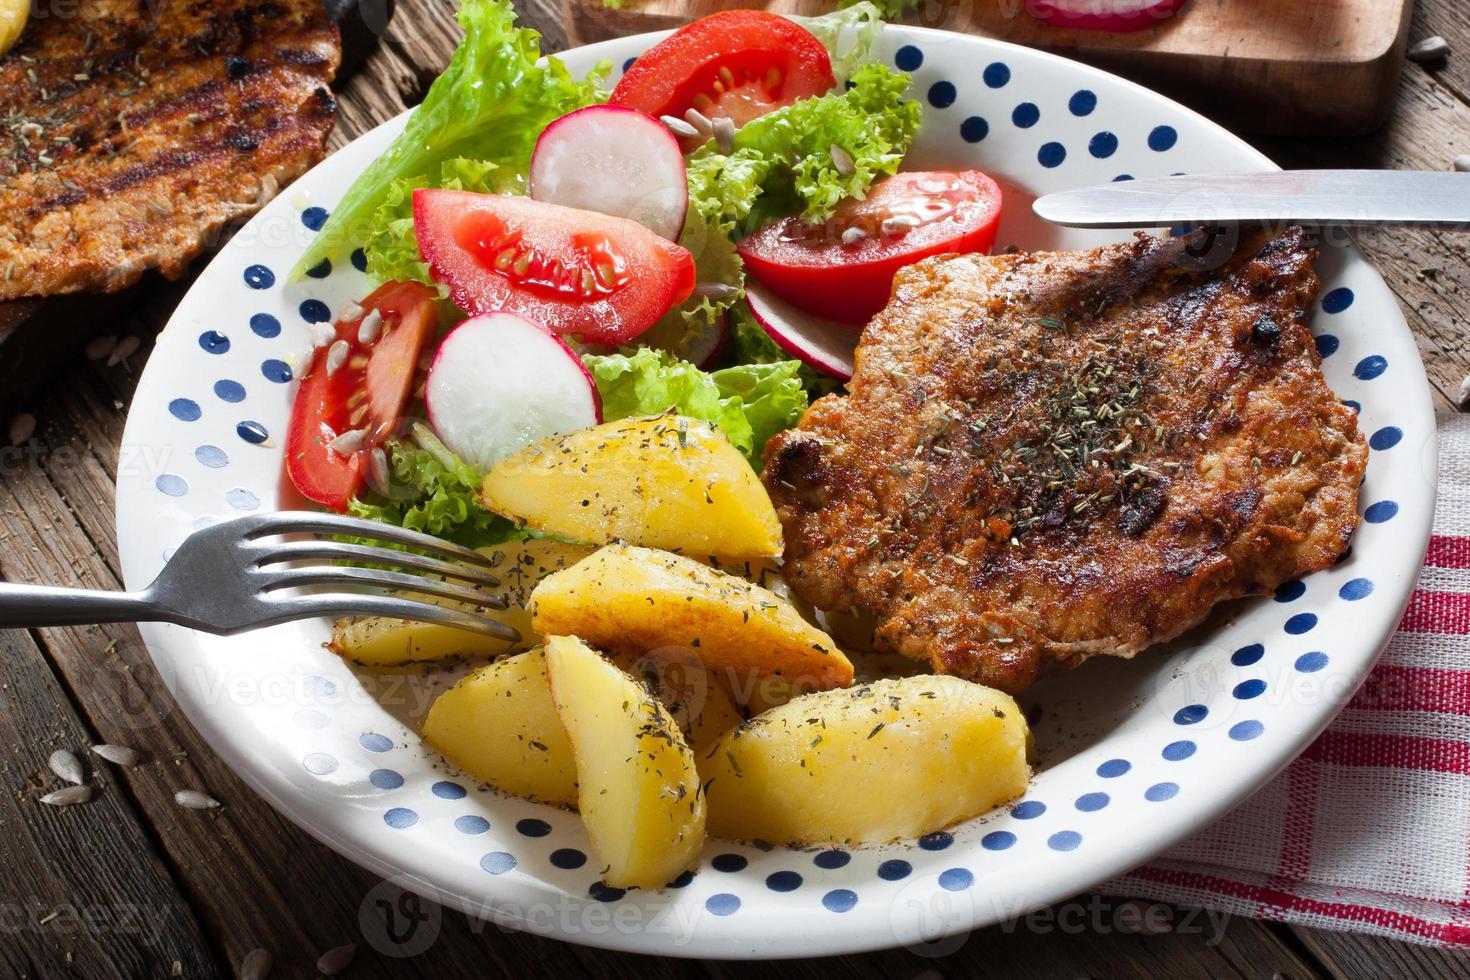 grillad kött med sallad och rostade potatis. foto